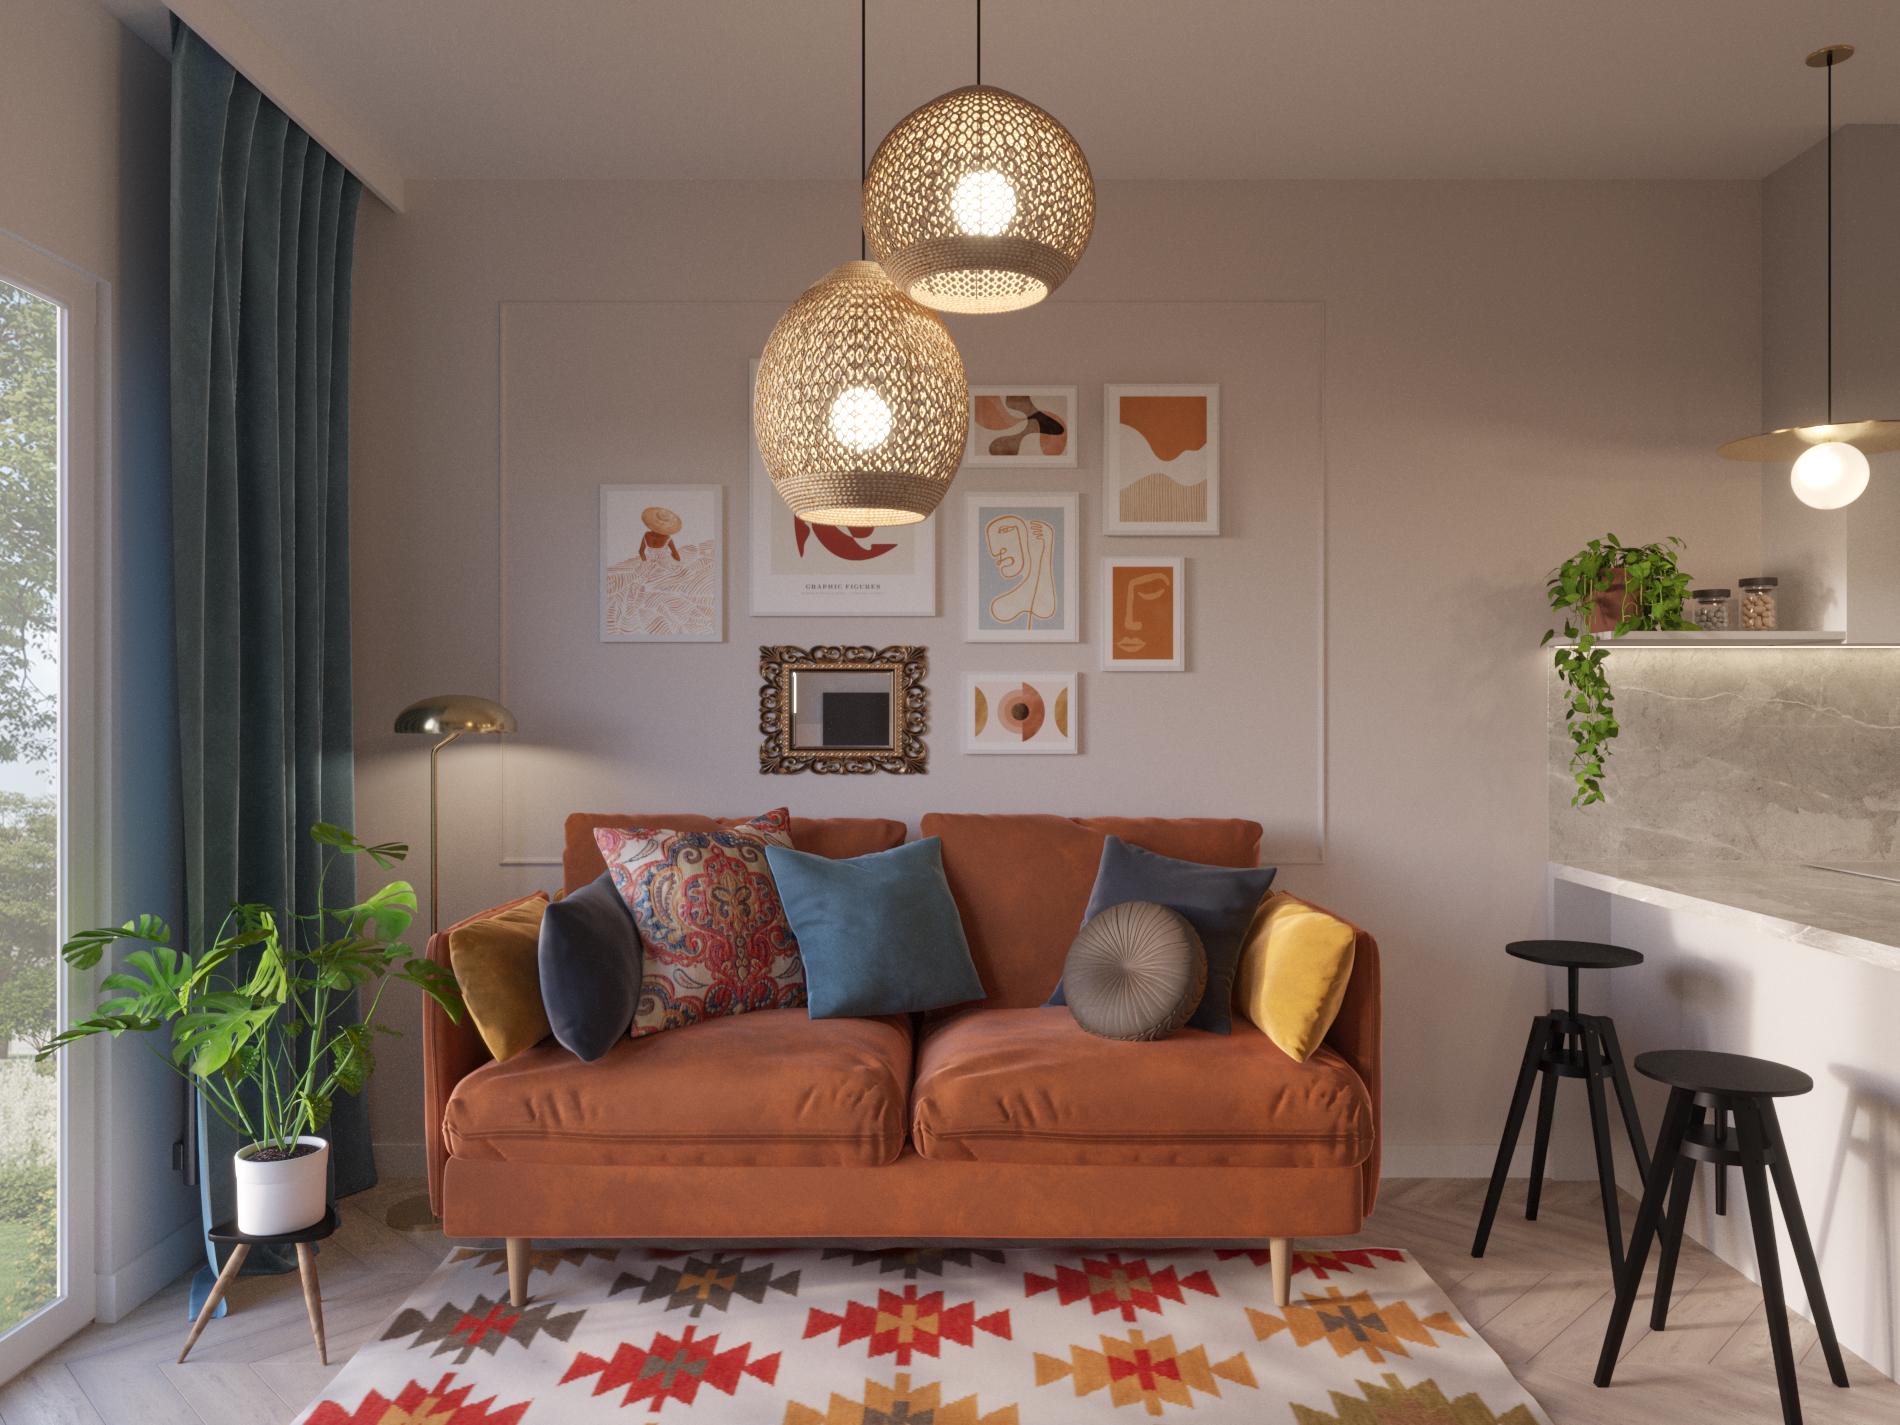 maly salon z aneksem_mieszkanie na parterze_kolorowy salon_pamaranczowy salon